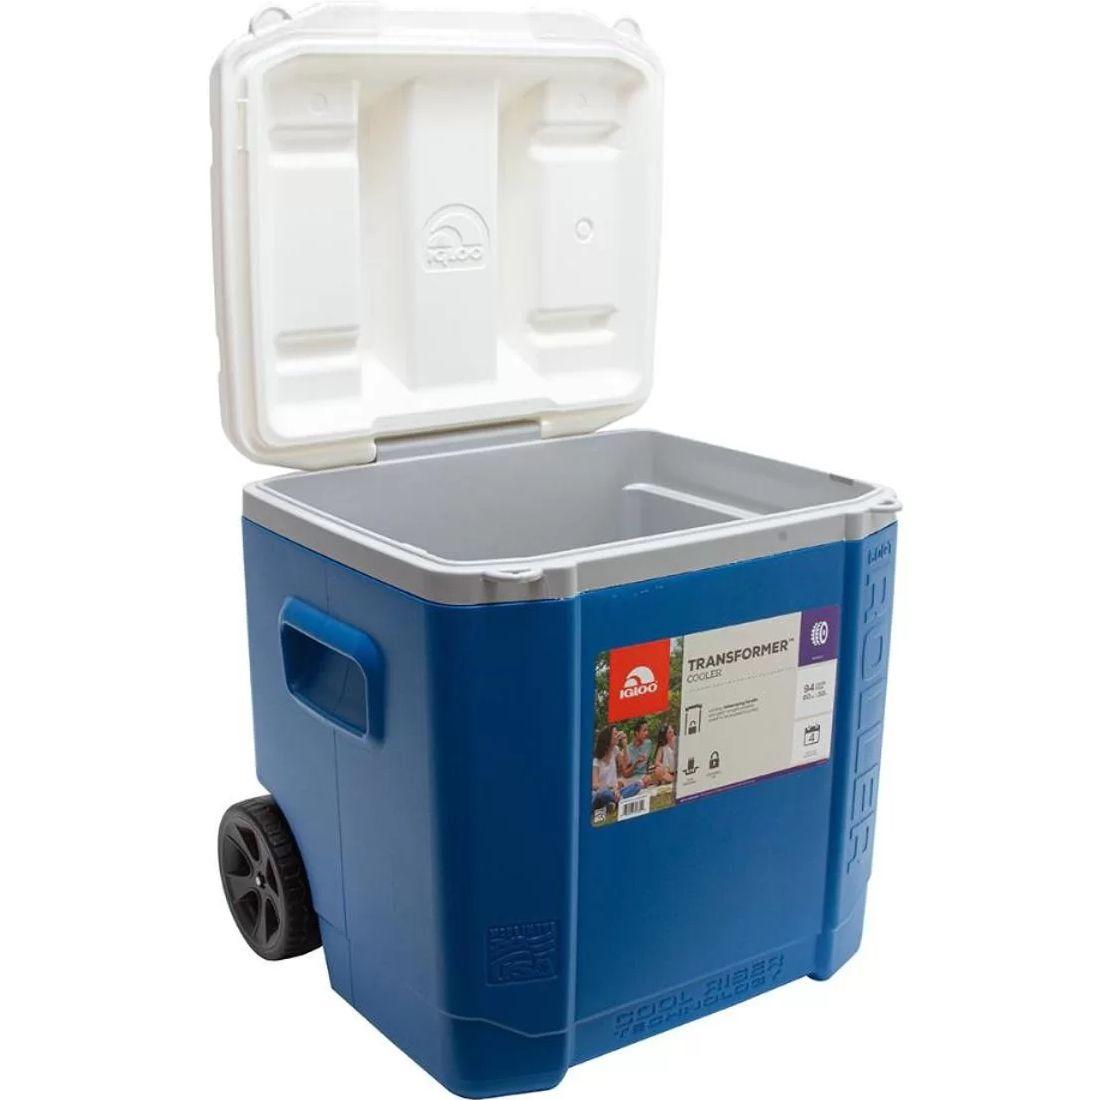 Caixa Térmica Nautika Transformer 60 Qt Roller Igloo Azul